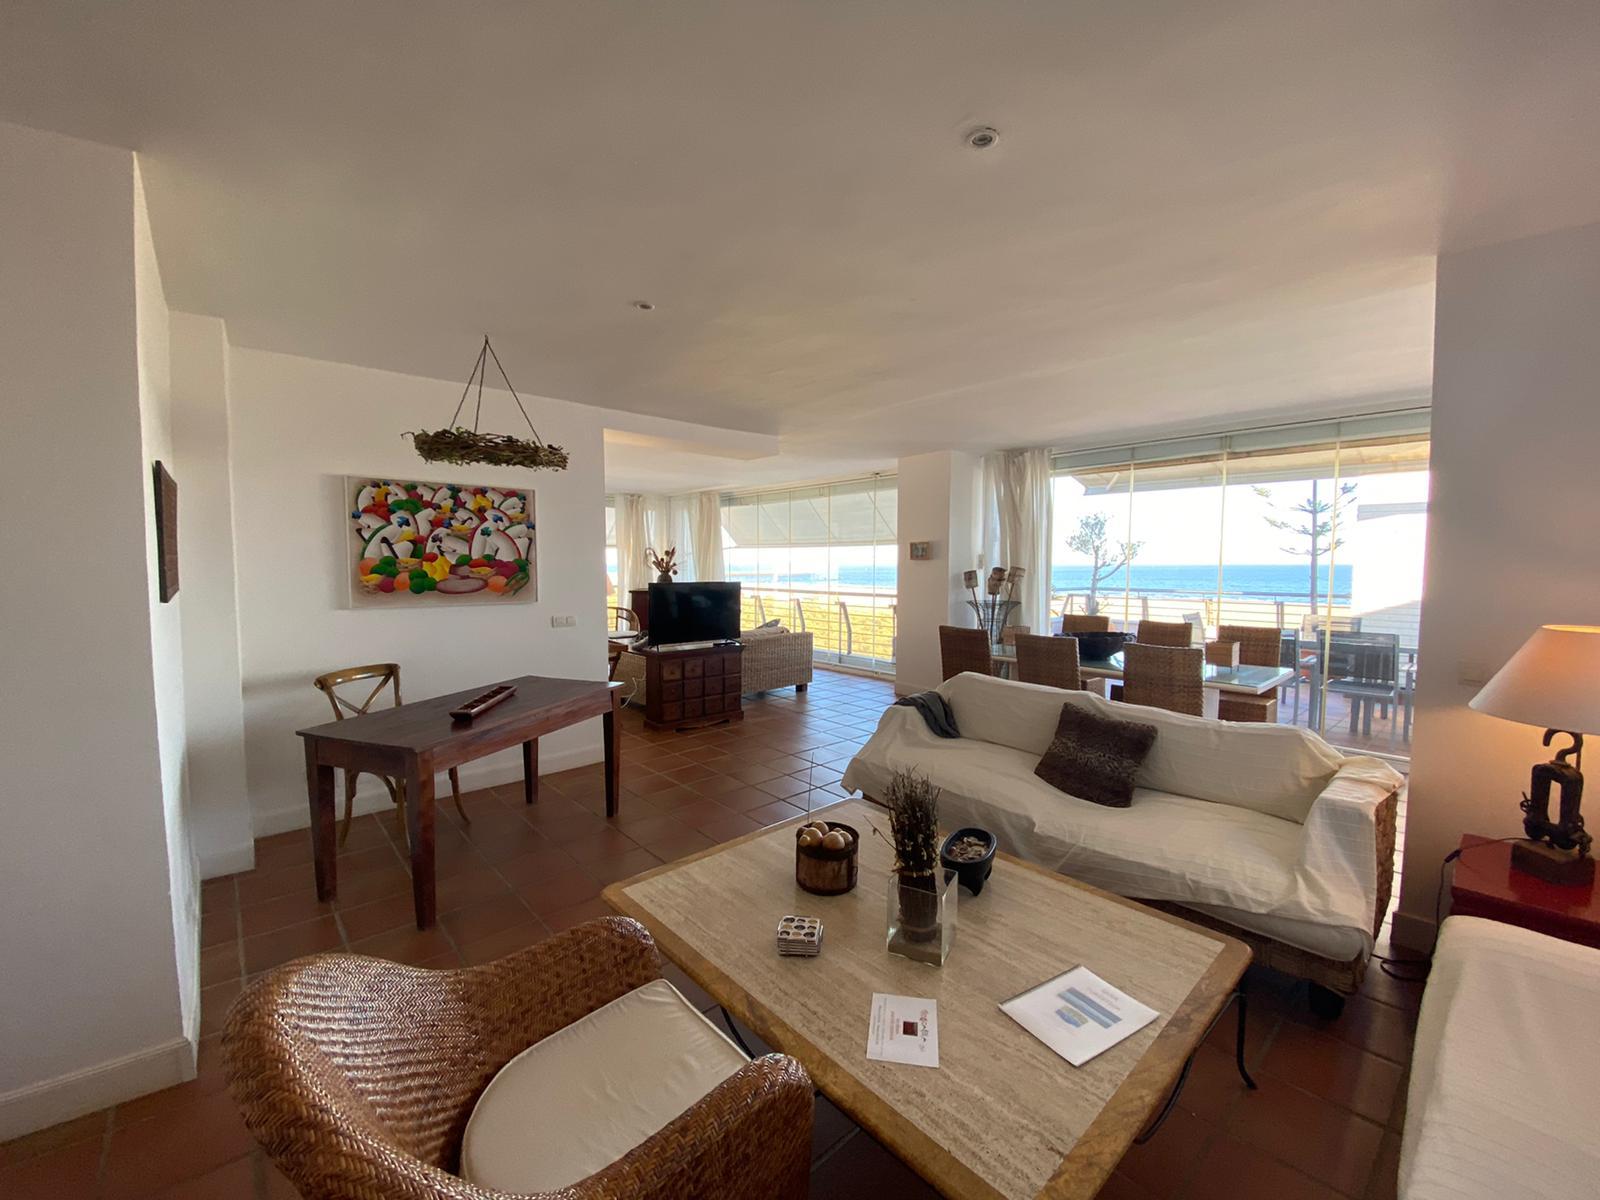 Imagen 37 del Apartamento Turístico, Ático 4 Levante, Frontal (4d+2b), Punta del Moral (HUELVA), Paseo de la Cruz nº22